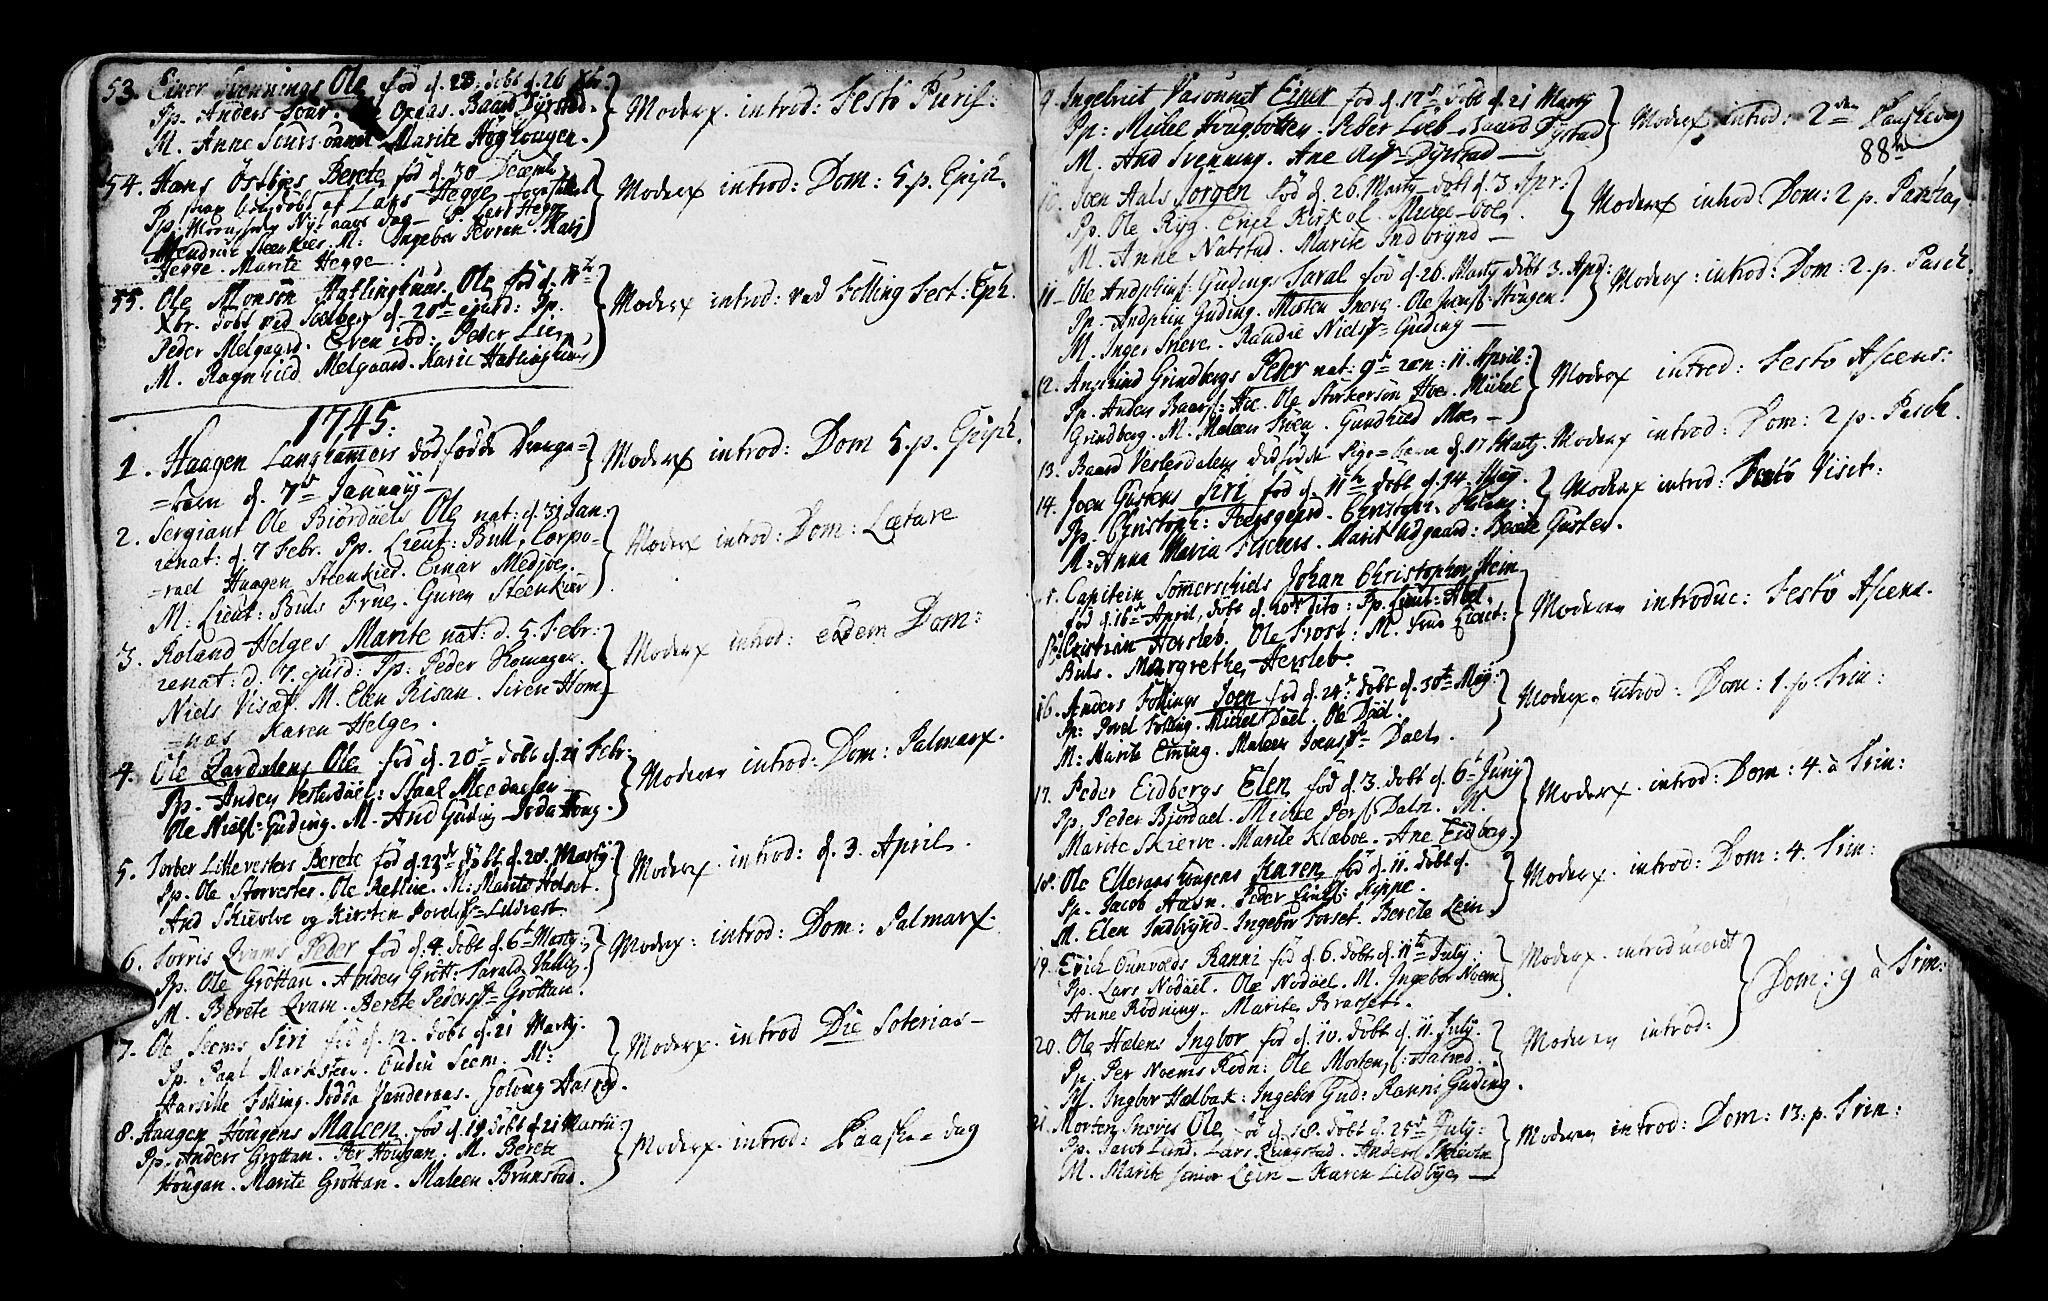 SAT, Ministerialprotokoller, klokkerbøker og fødselsregistre - Nord-Trøndelag, 746/L0439: Ministerialbok nr. 746A01, 1688-1759, s. 88i